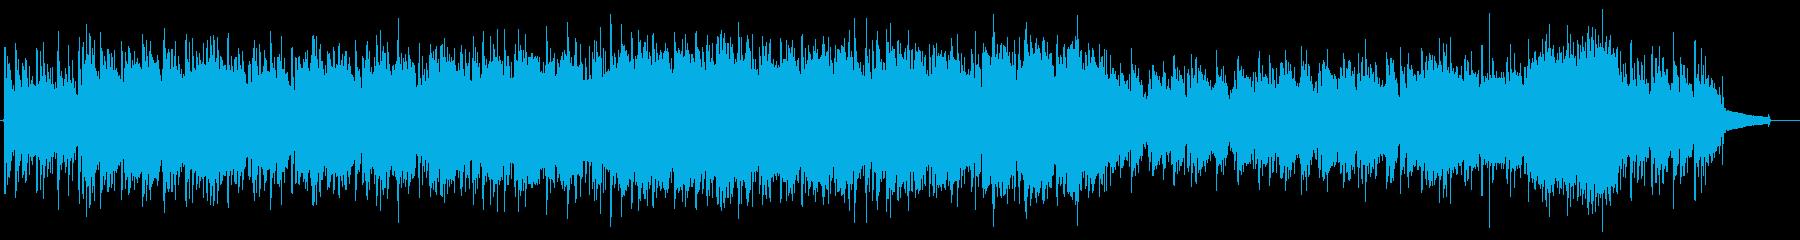 電車の旅をイメージした朗らかなBGMの再生済みの波形